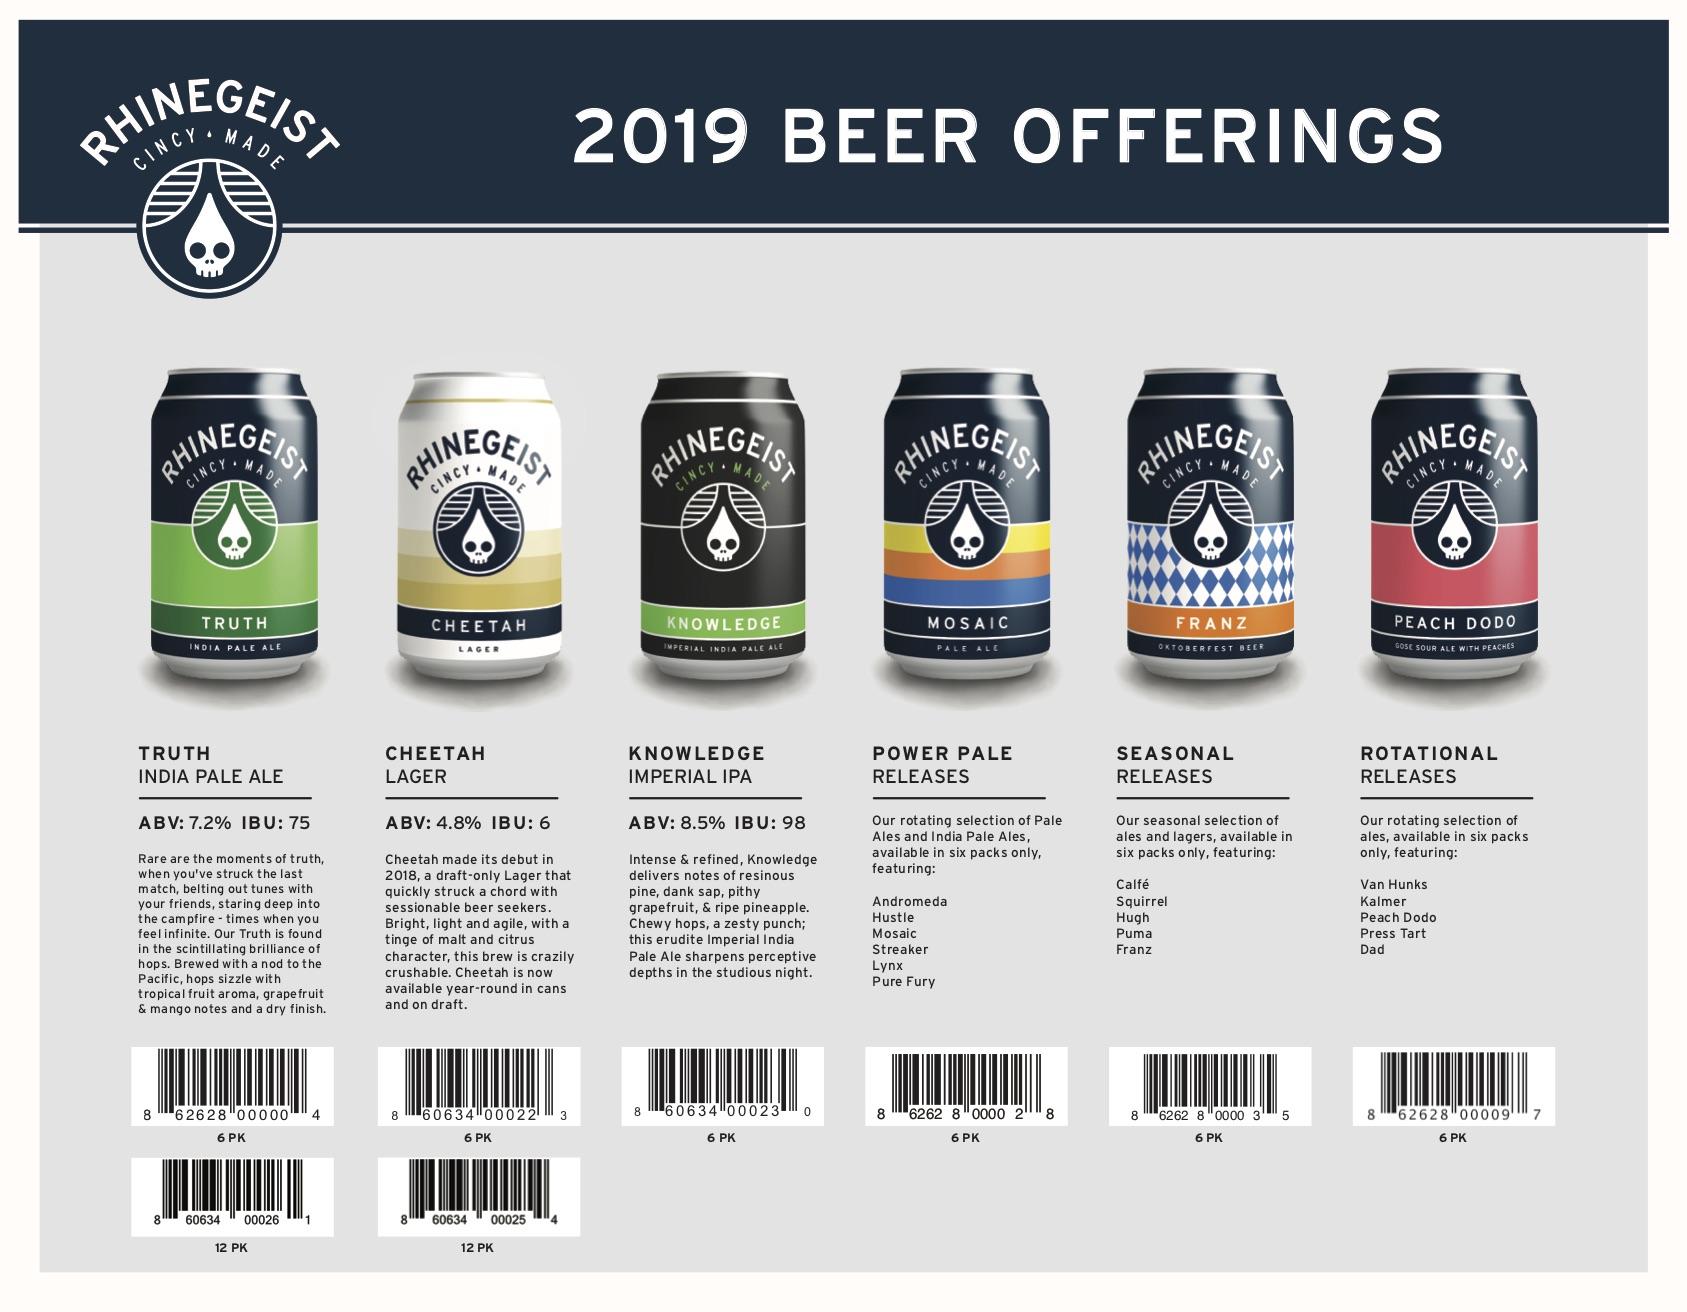 2019 Beer Release Calendars - Rhinegeist